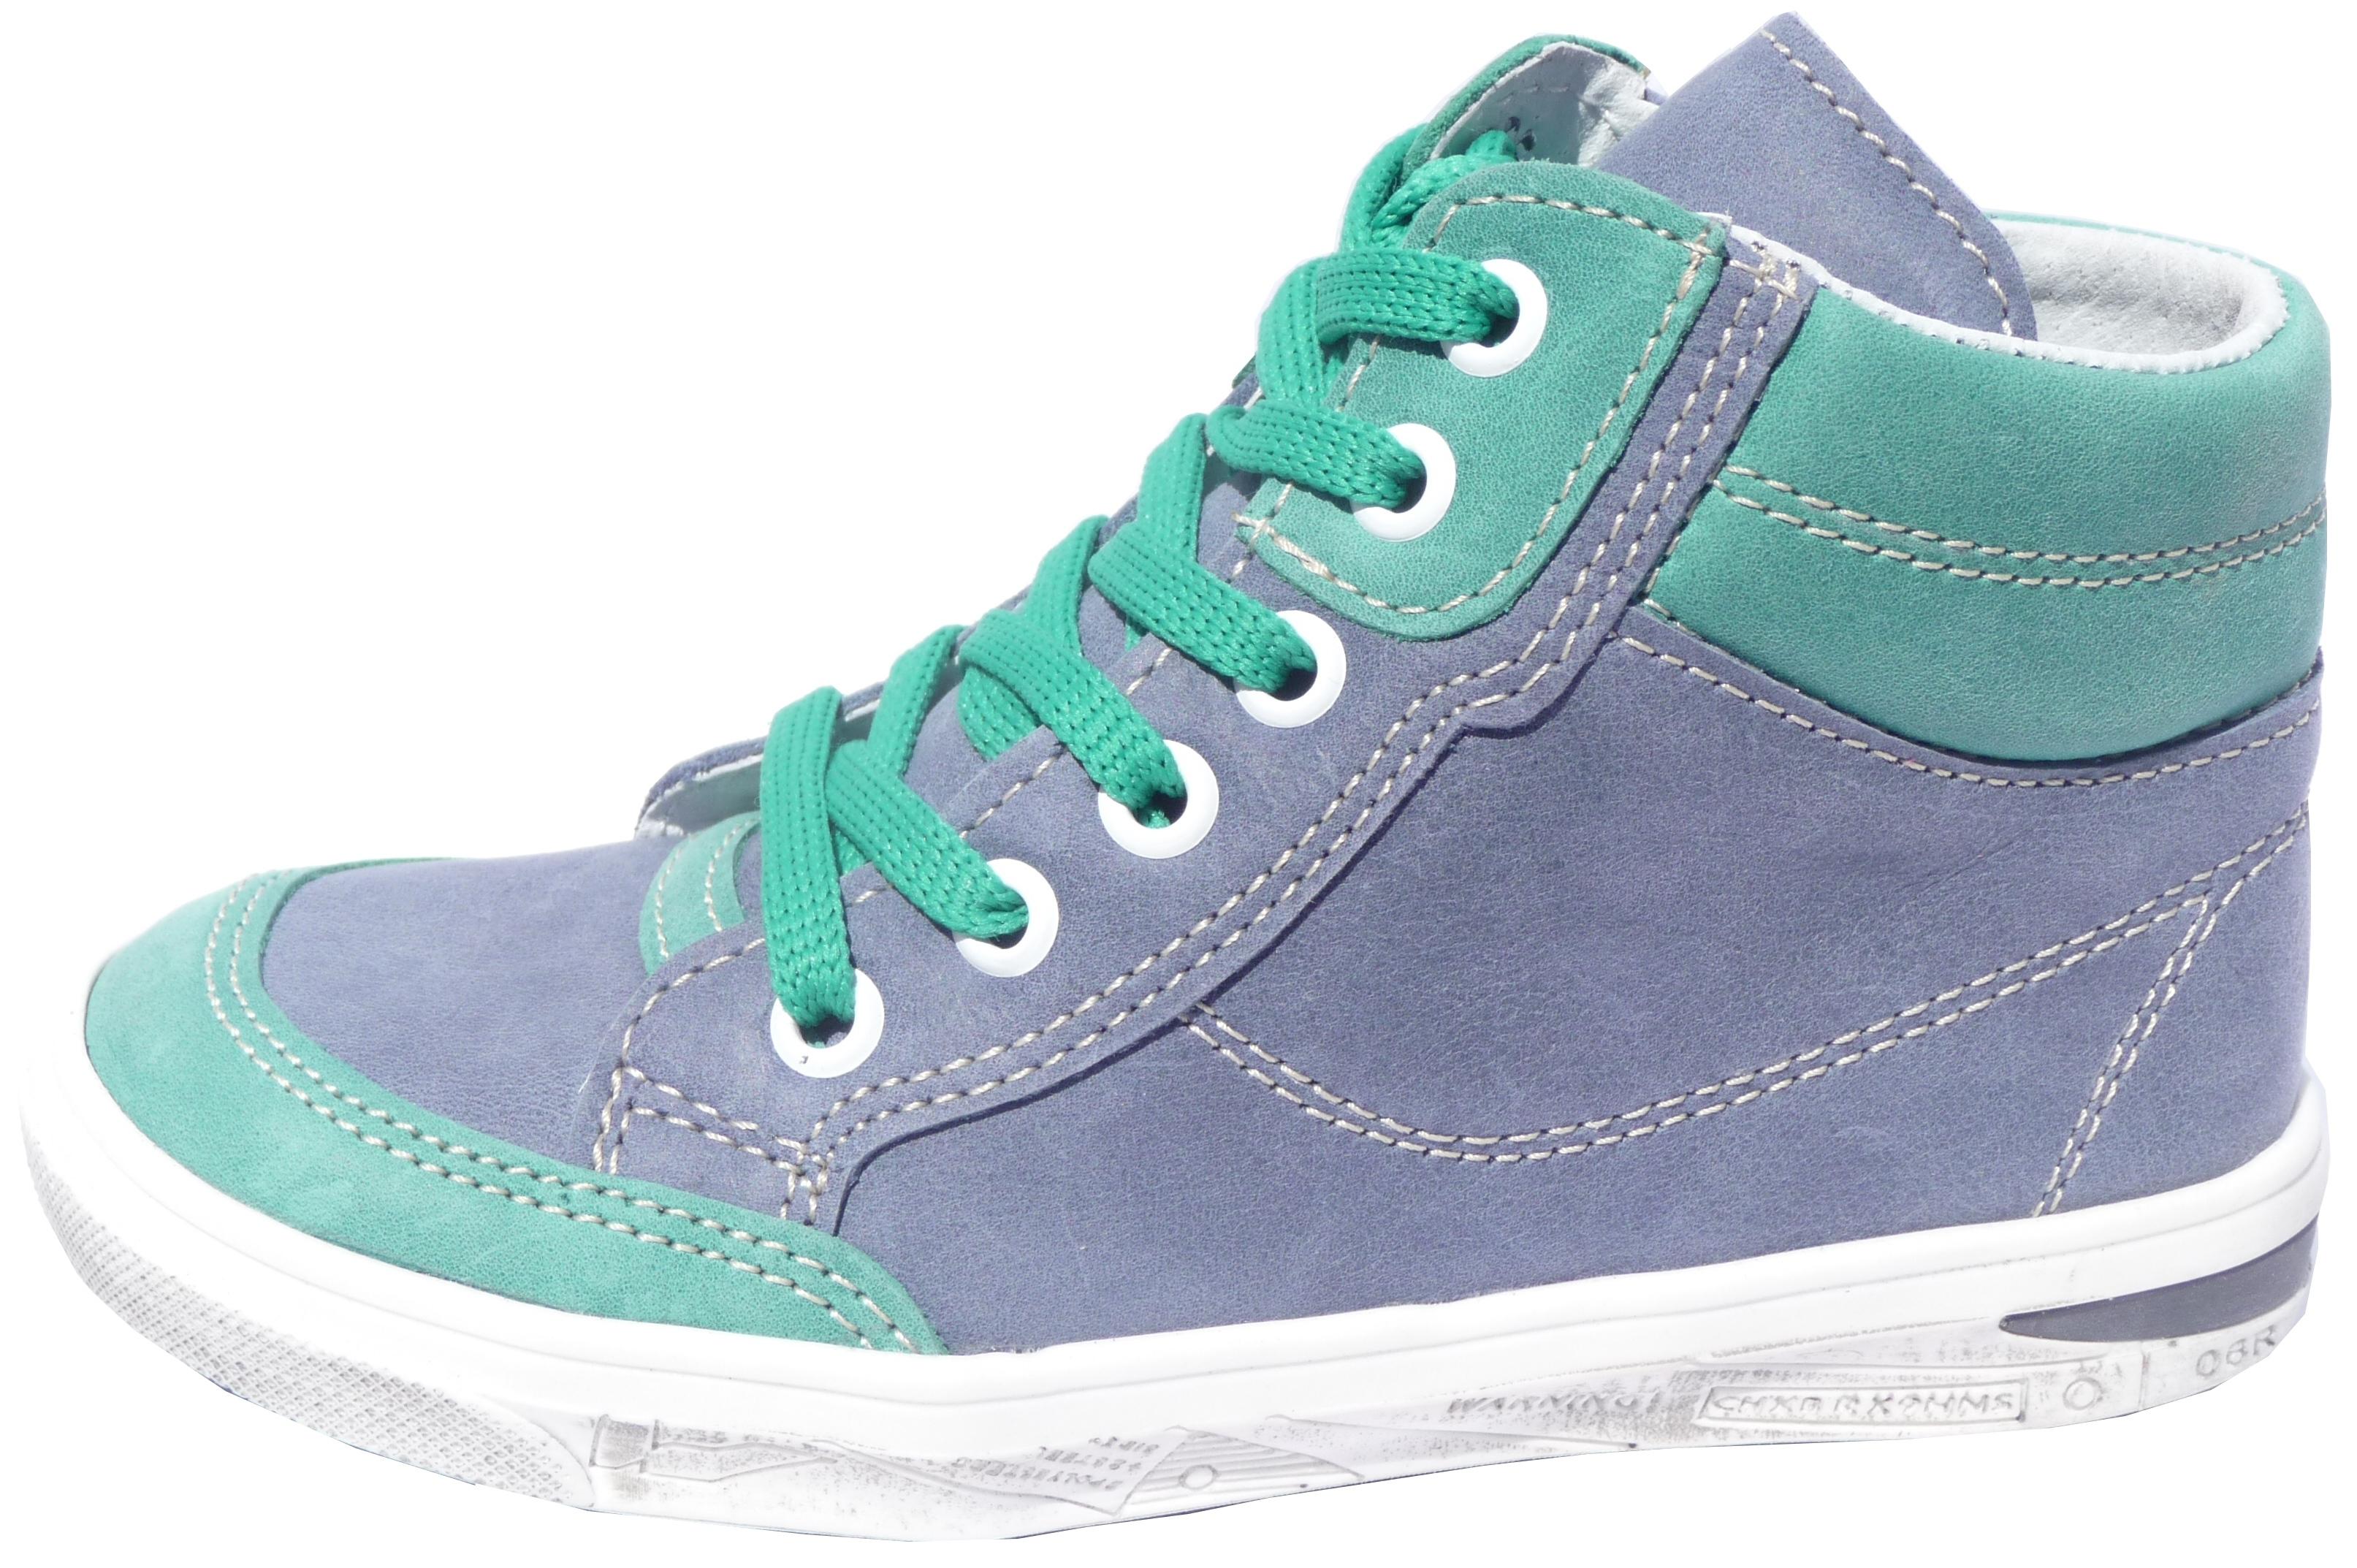 Dětské celoroční boty Jonap 028/M modrá Velikost: 28 (EU)